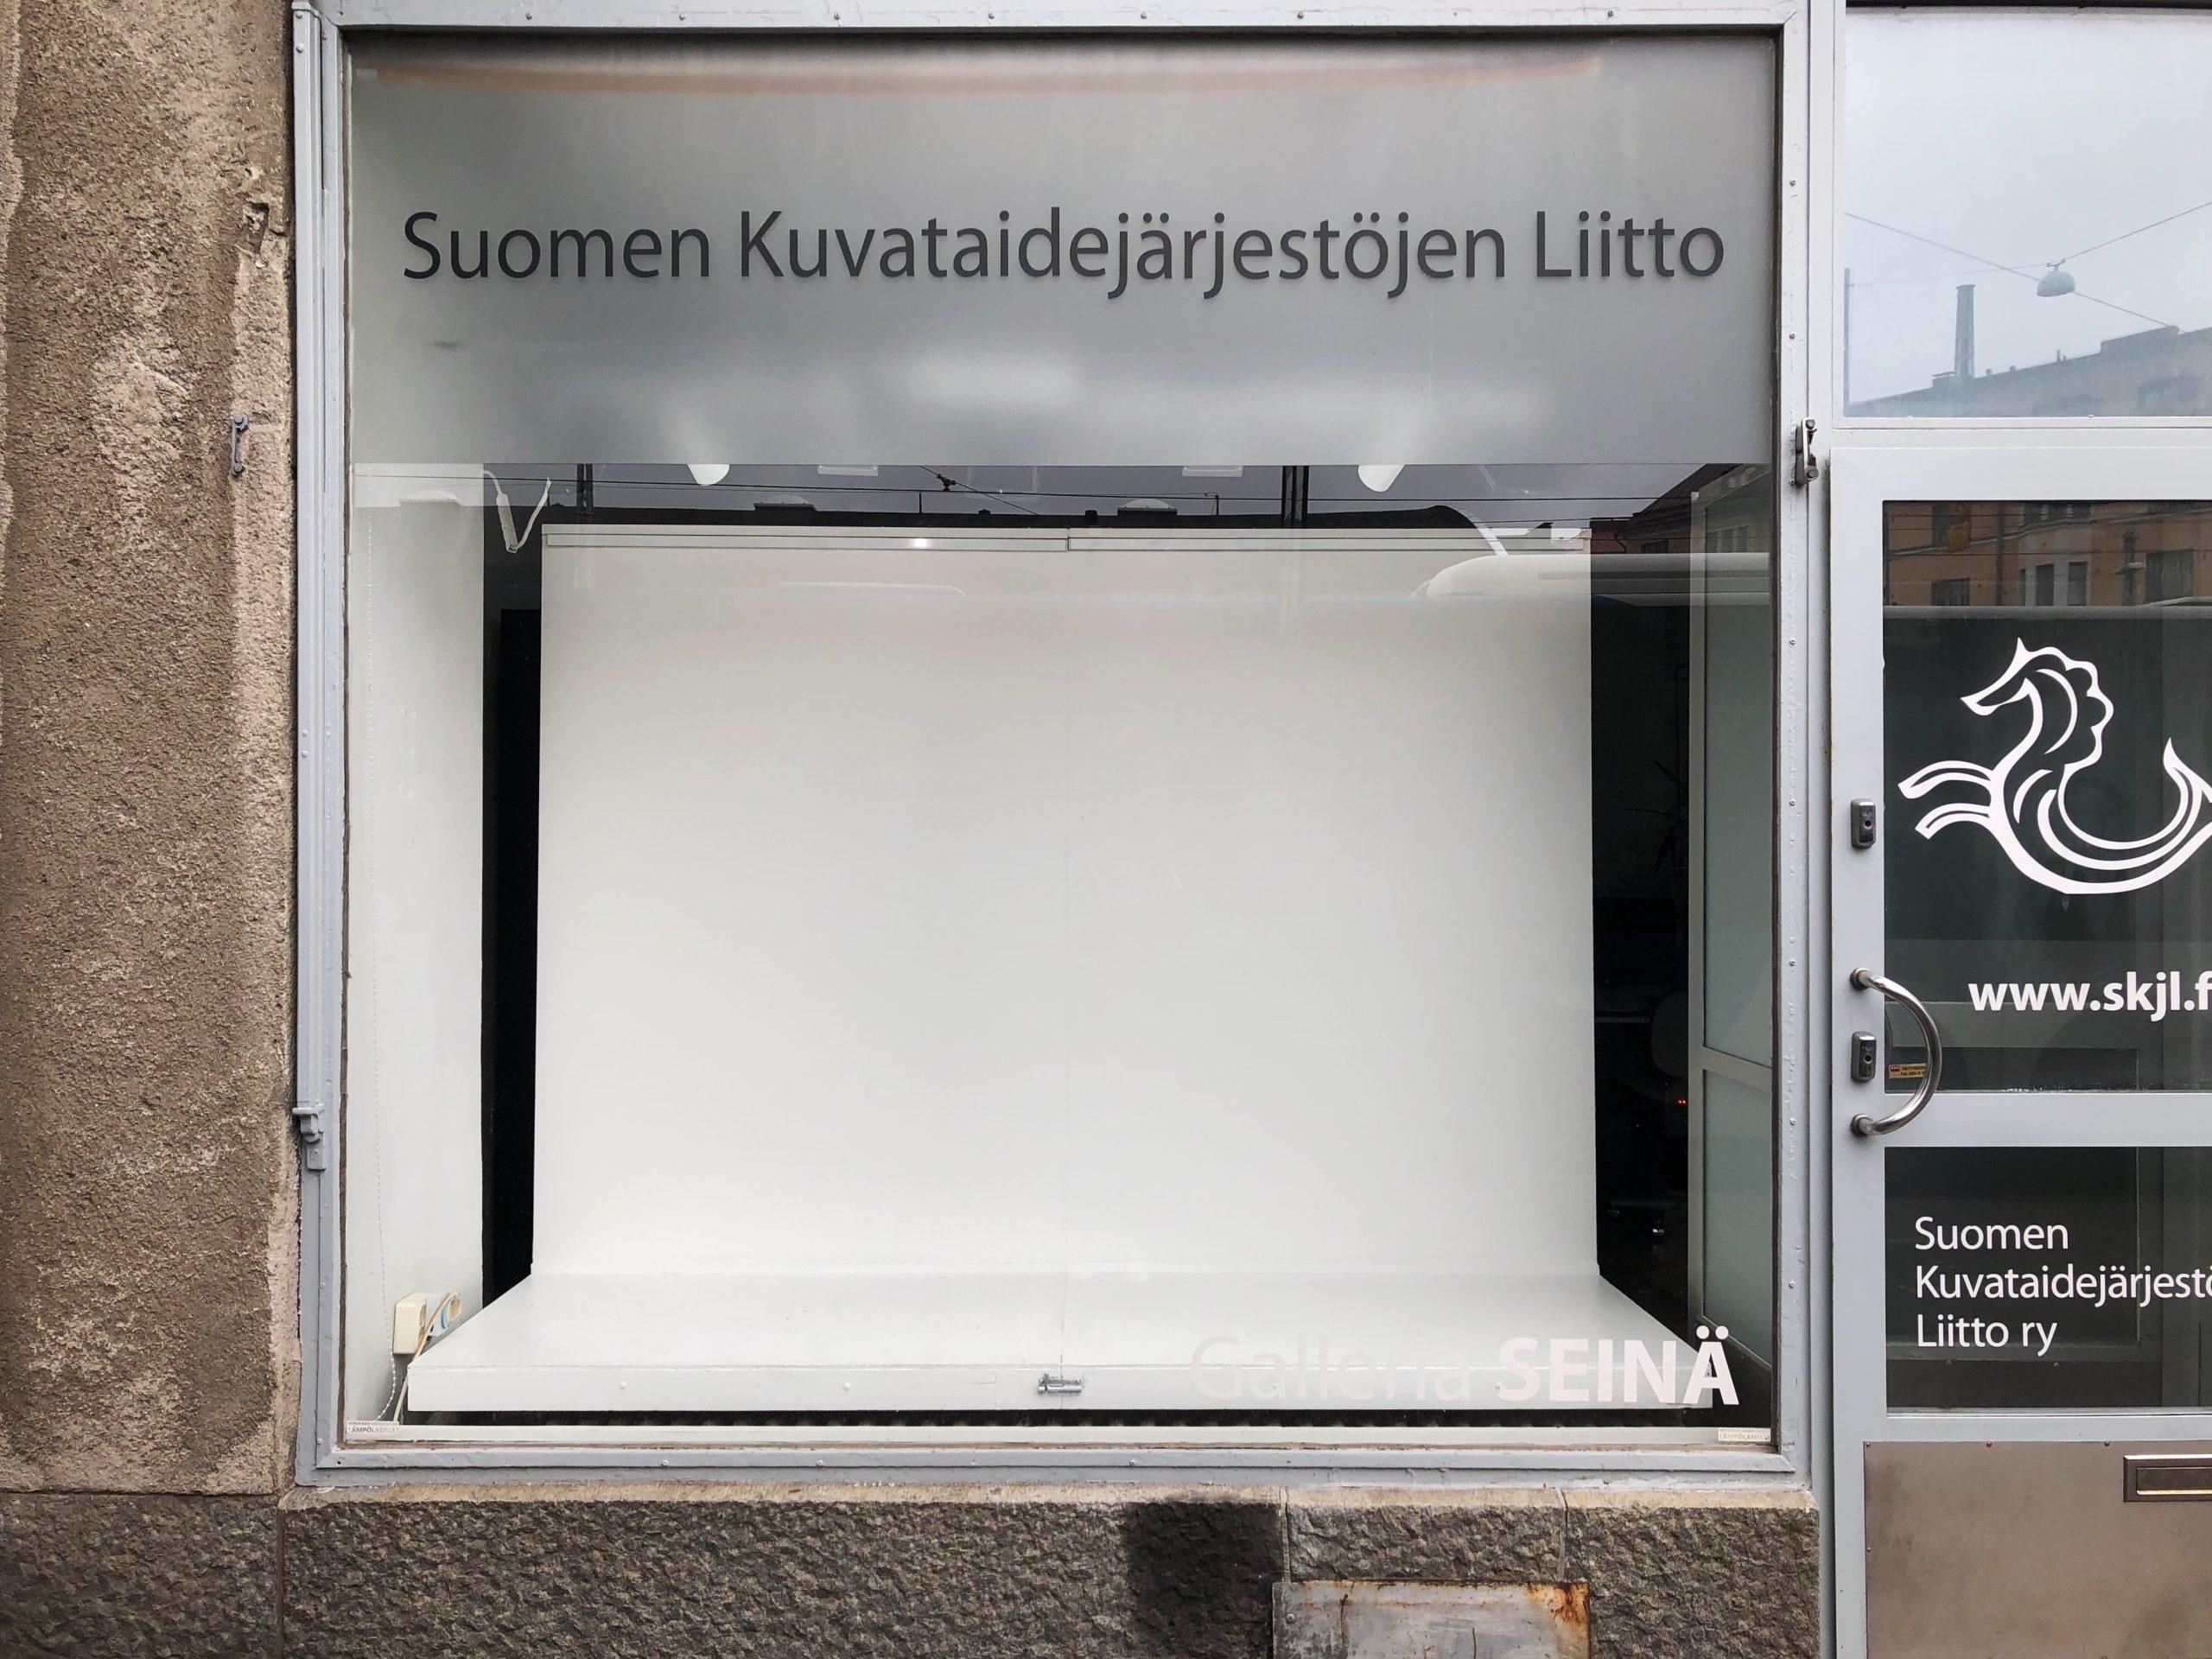 Galleria SEINÄ ikkunagalleria